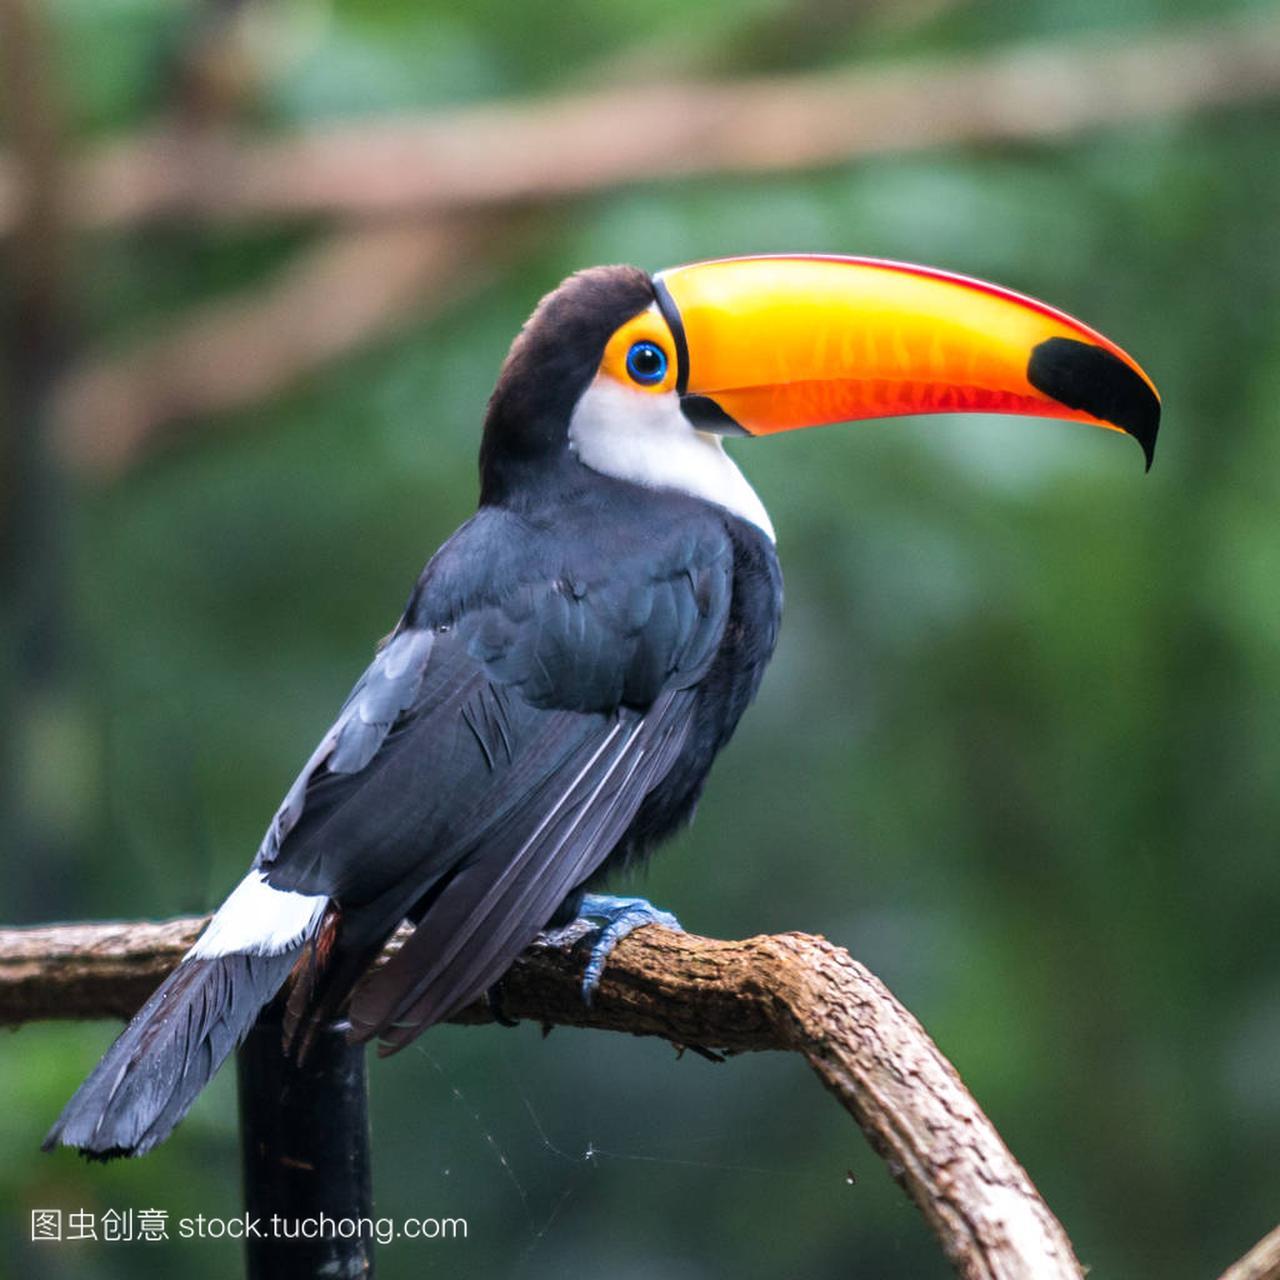 巨嘴鸟 (国鸟 toco) 坐在树上